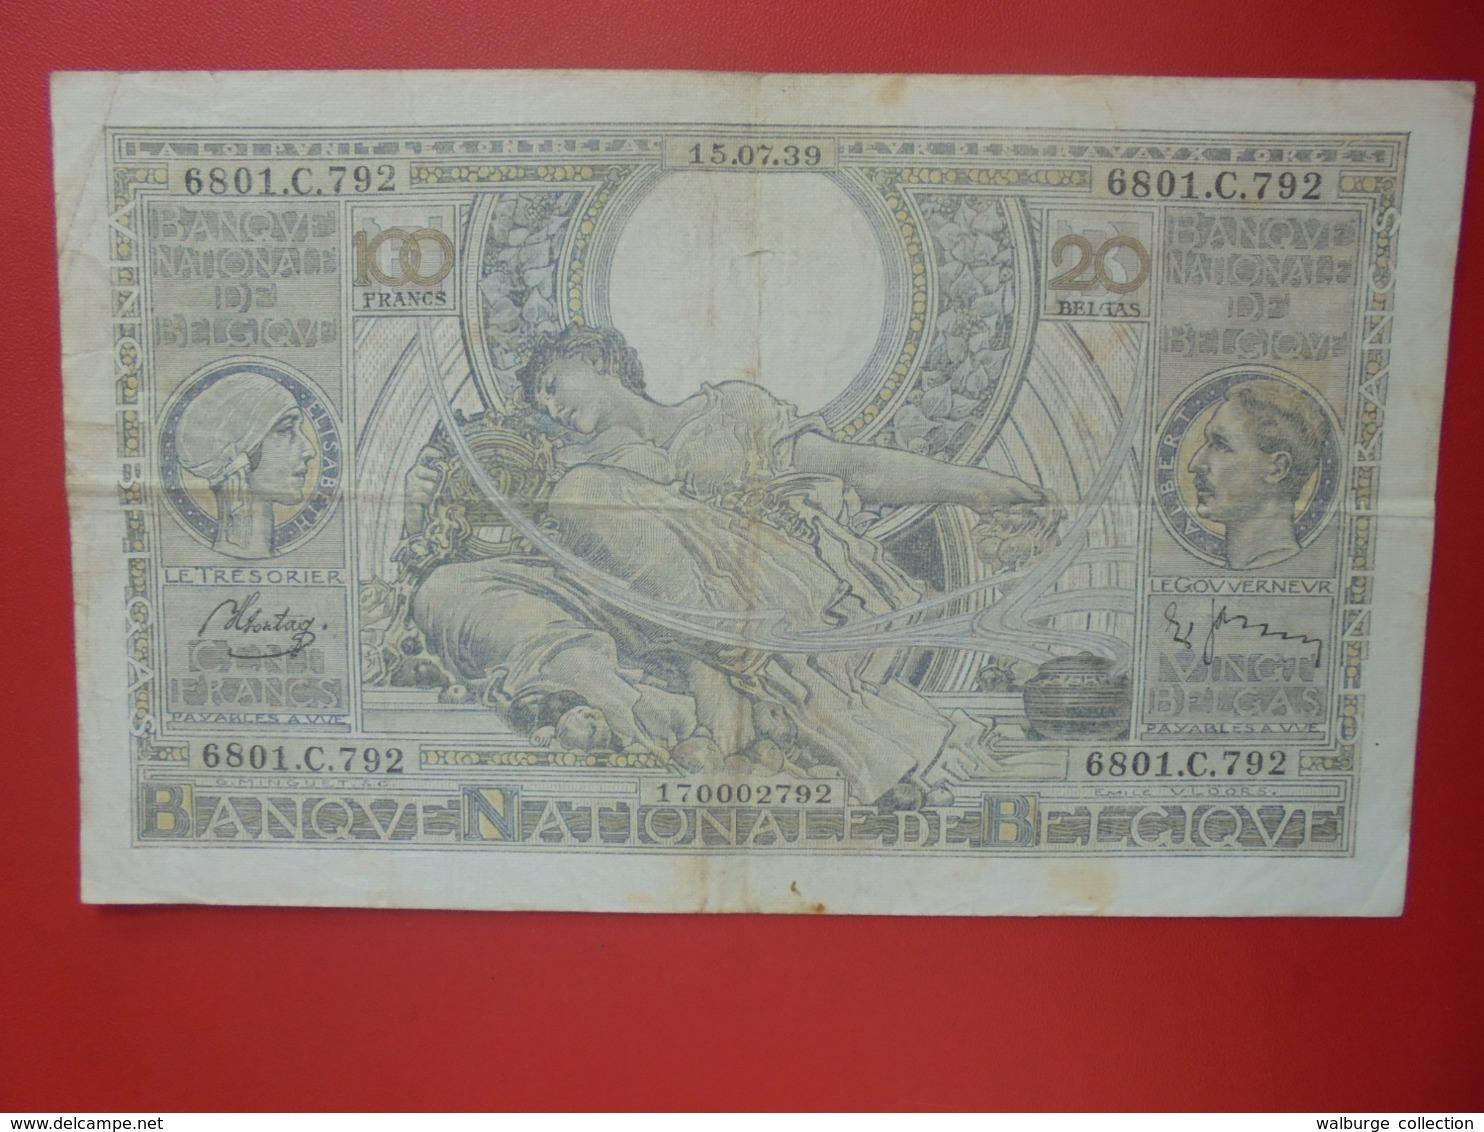 BELGIQUE 100 FRANCS 1939 CIRCULER (B.8) - [ 2] 1831-... : Regno Del Belgio